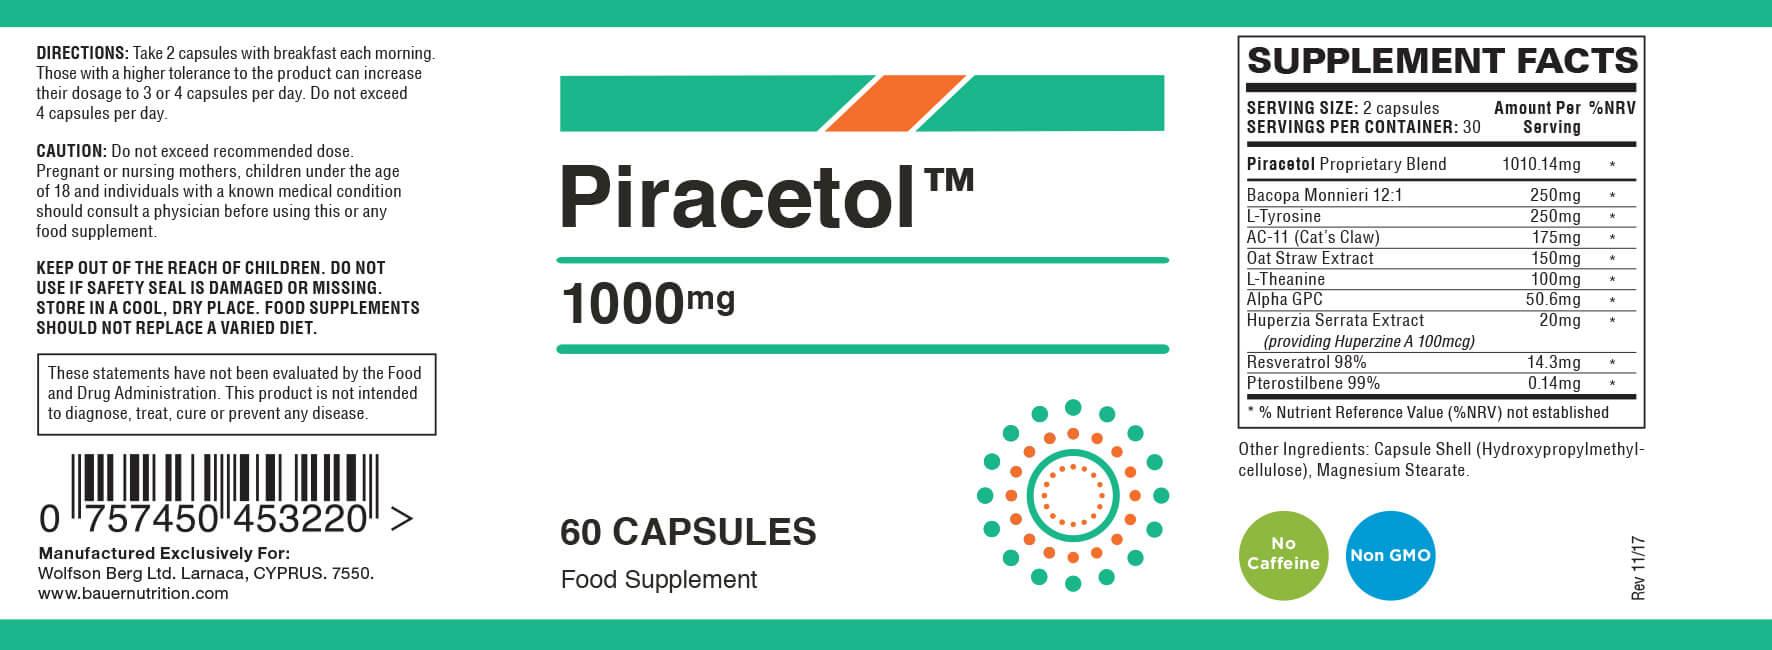 piracetol ingredients